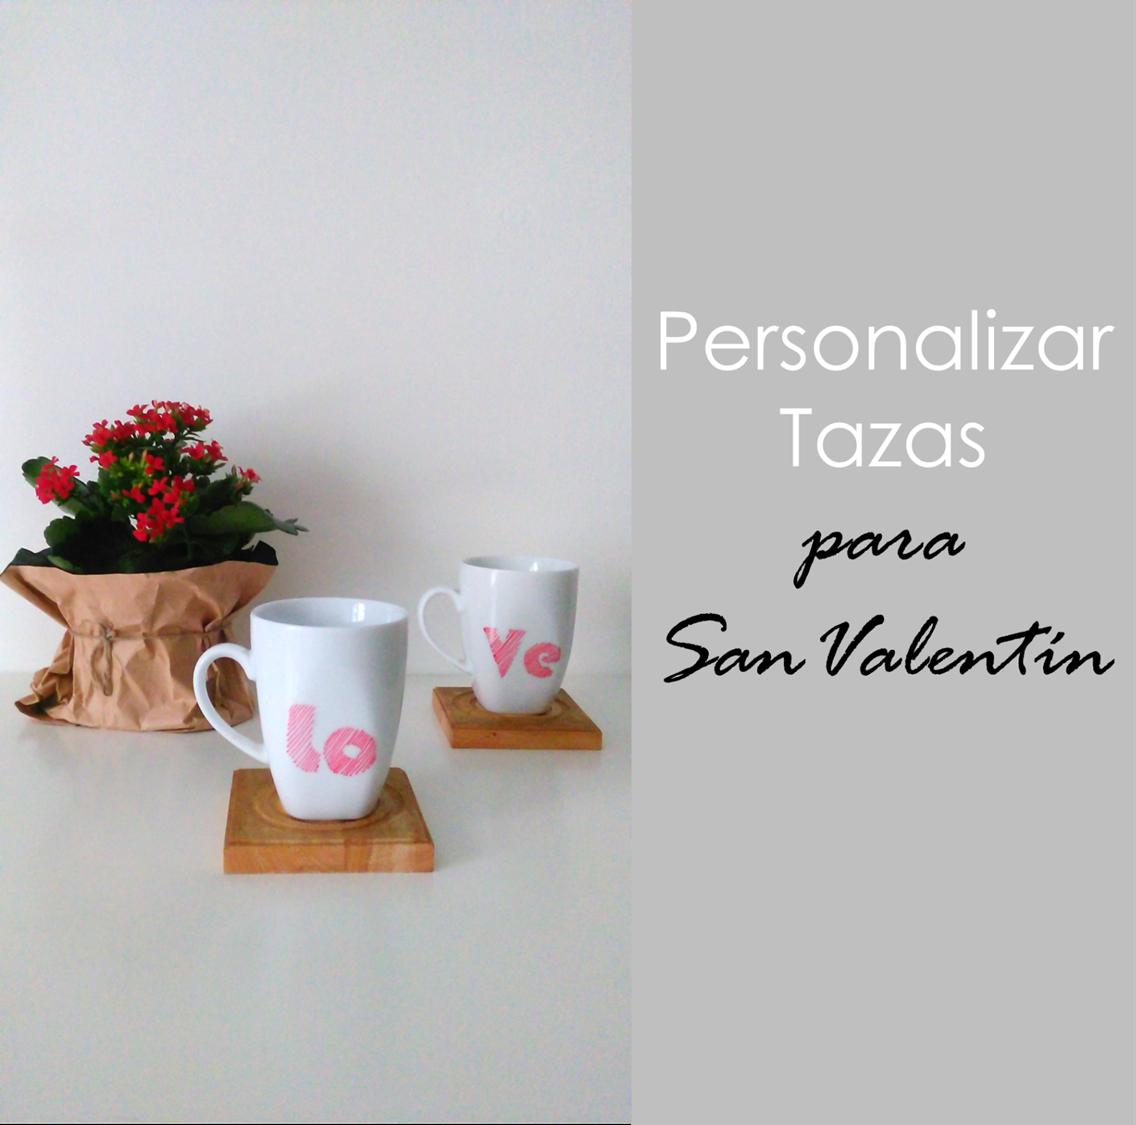 Decoraci n f cil personalizar tazas para san valentin - Decoracion de tazas ...